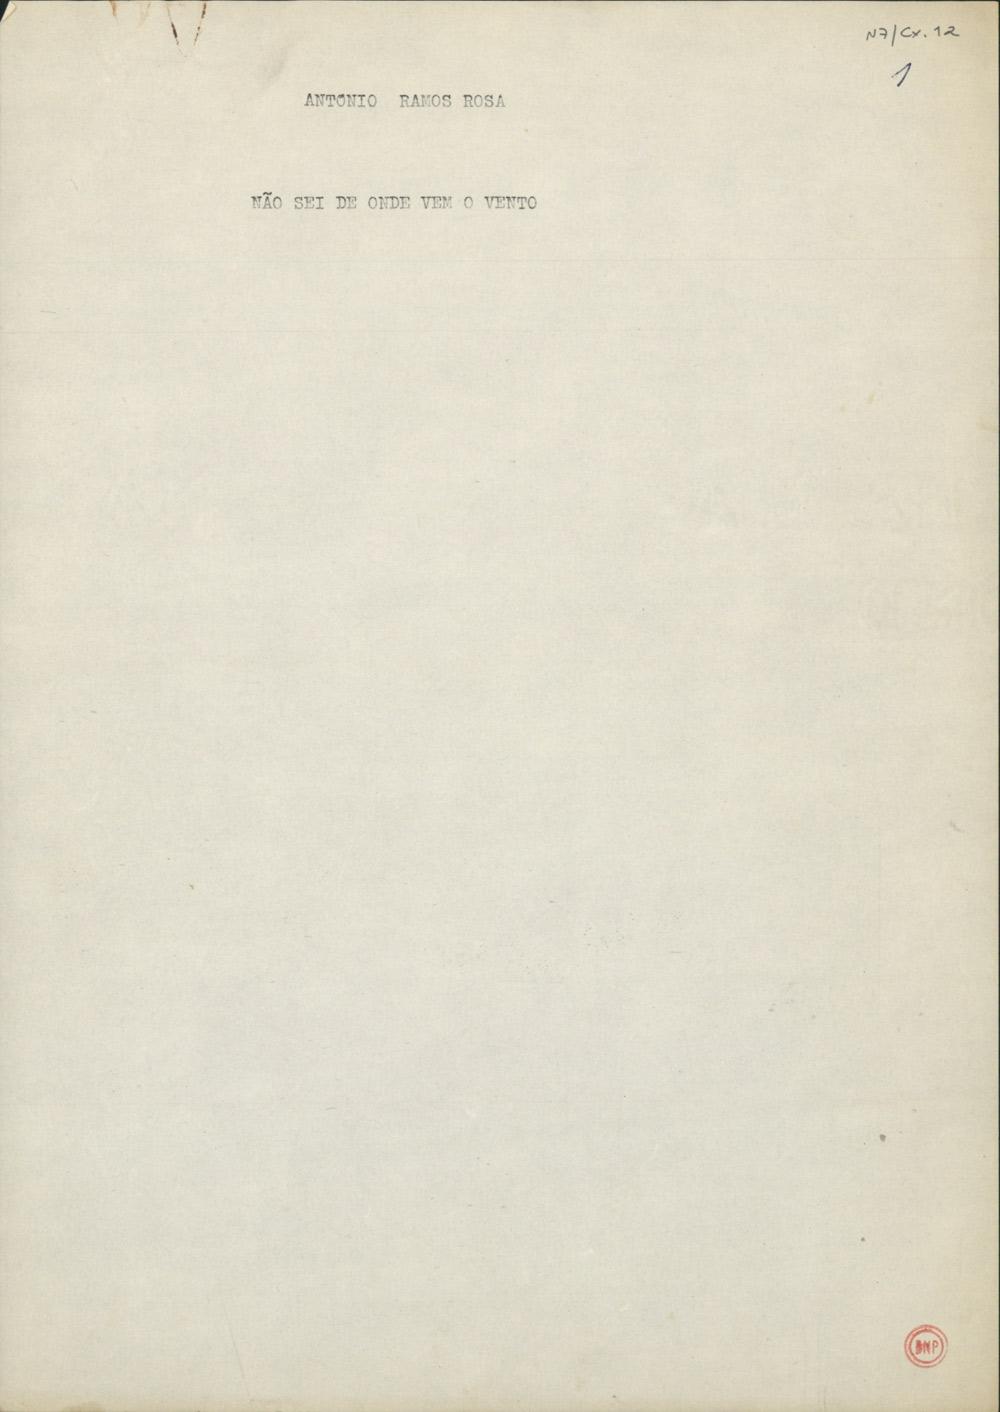 Folha de rosto do dactiloscrito da primeira das três partes que compõem o livro Três, publicado em 1995 na editora & etc.